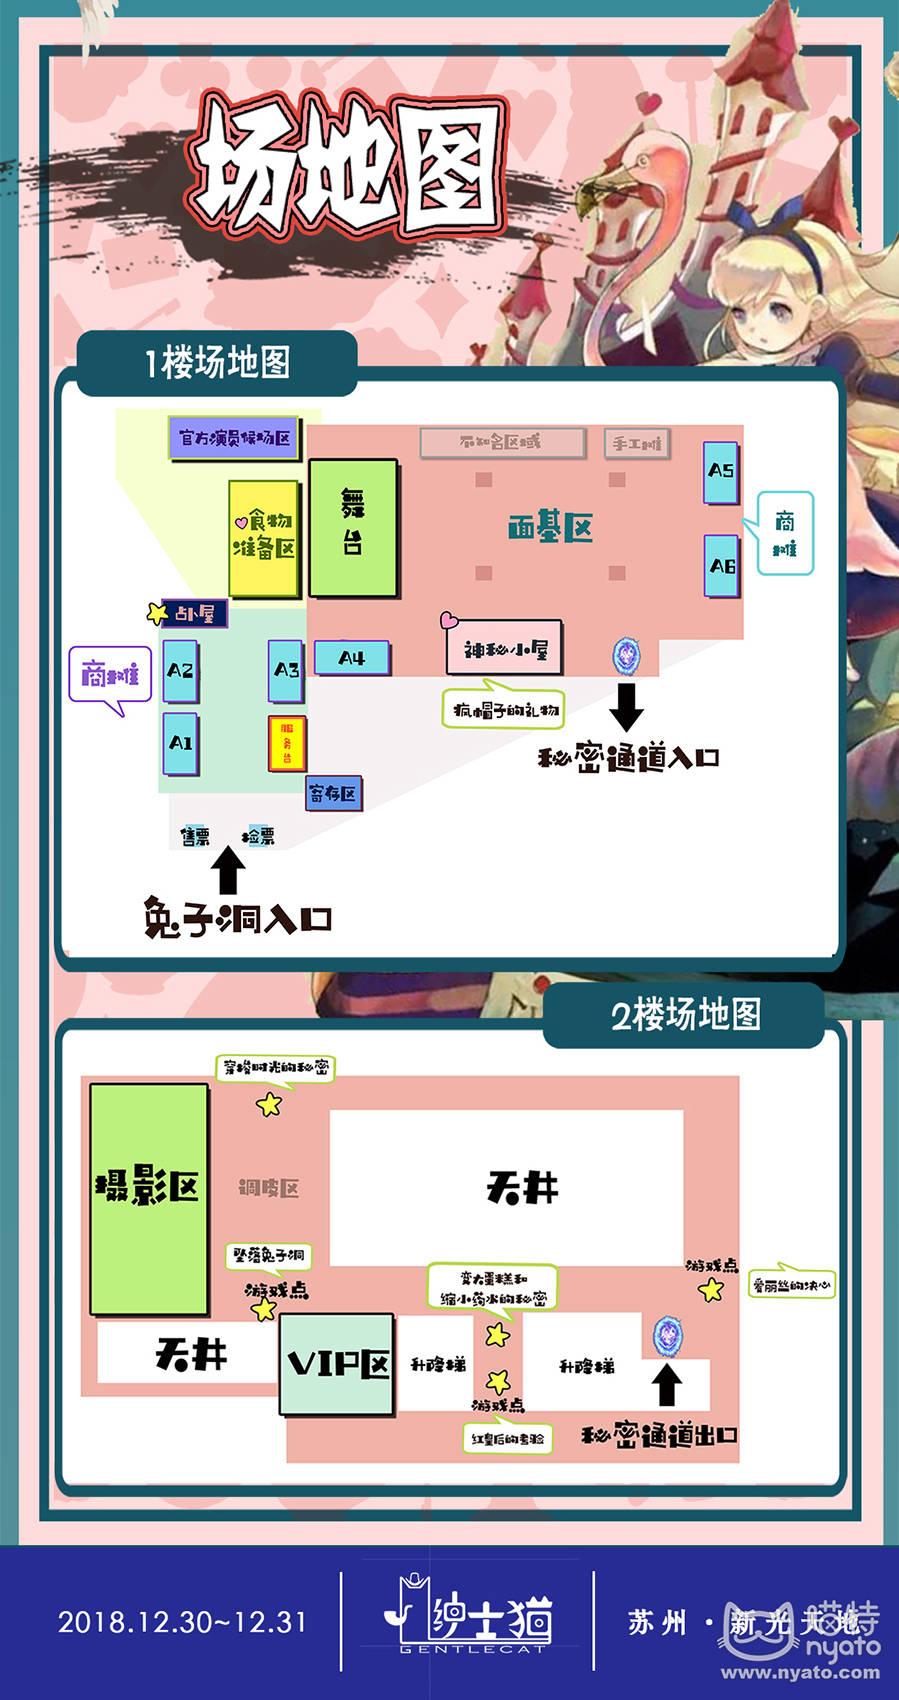 5-场地布局图.jpg